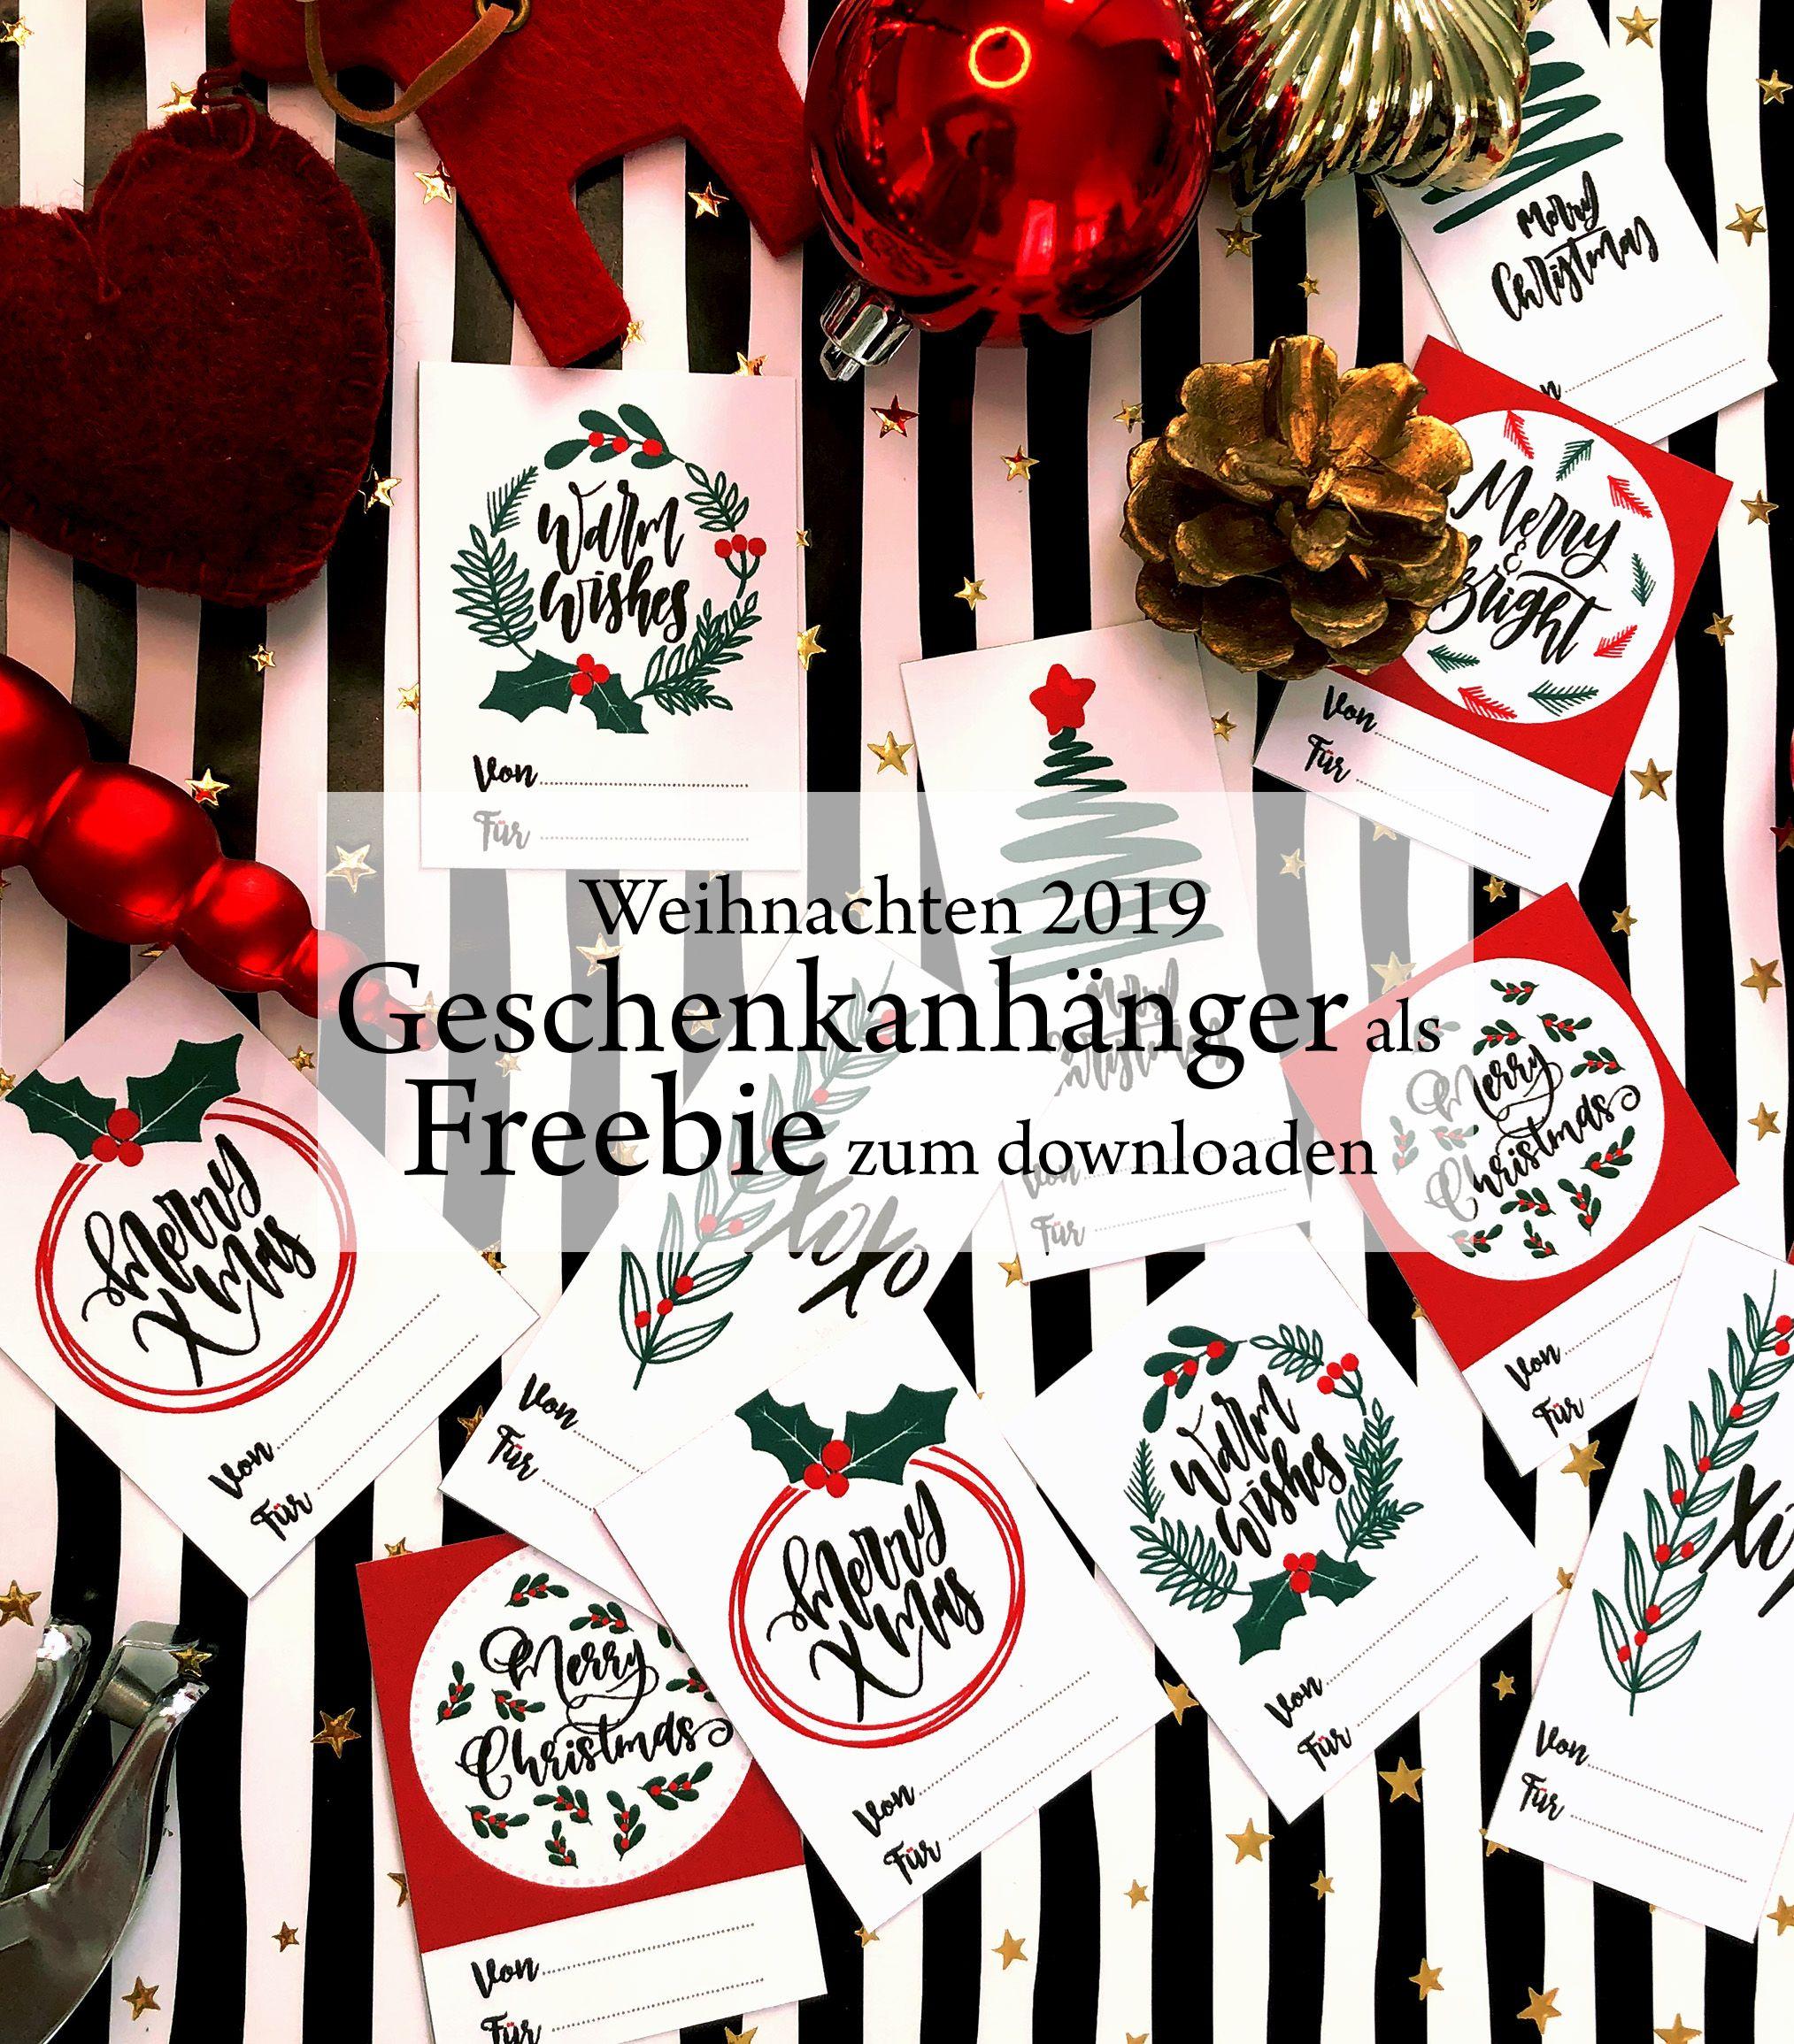 Mit diesen Geschenkanhängern macht Schenken noch mehr Freude. #Weihnachten #Weihnachtenbasteln #Weihnachtsgeschenke #Adventszeit #Vorweihnachtszeit #DIYWeihnachten #Christmas #ChristmasDIY #Weihnachtsdekoration #Weihnachtspäckchen #ChristmasTags #Christmaspresents #Dekorieren #Wohnen #Schenken  #Interiorblog #easylivinginterios #decorate #geschenkinspiration #living #gestalten #entspanntesweihnachten #Weihnachtsdeko #Christmasjoy #Joyofgiving #